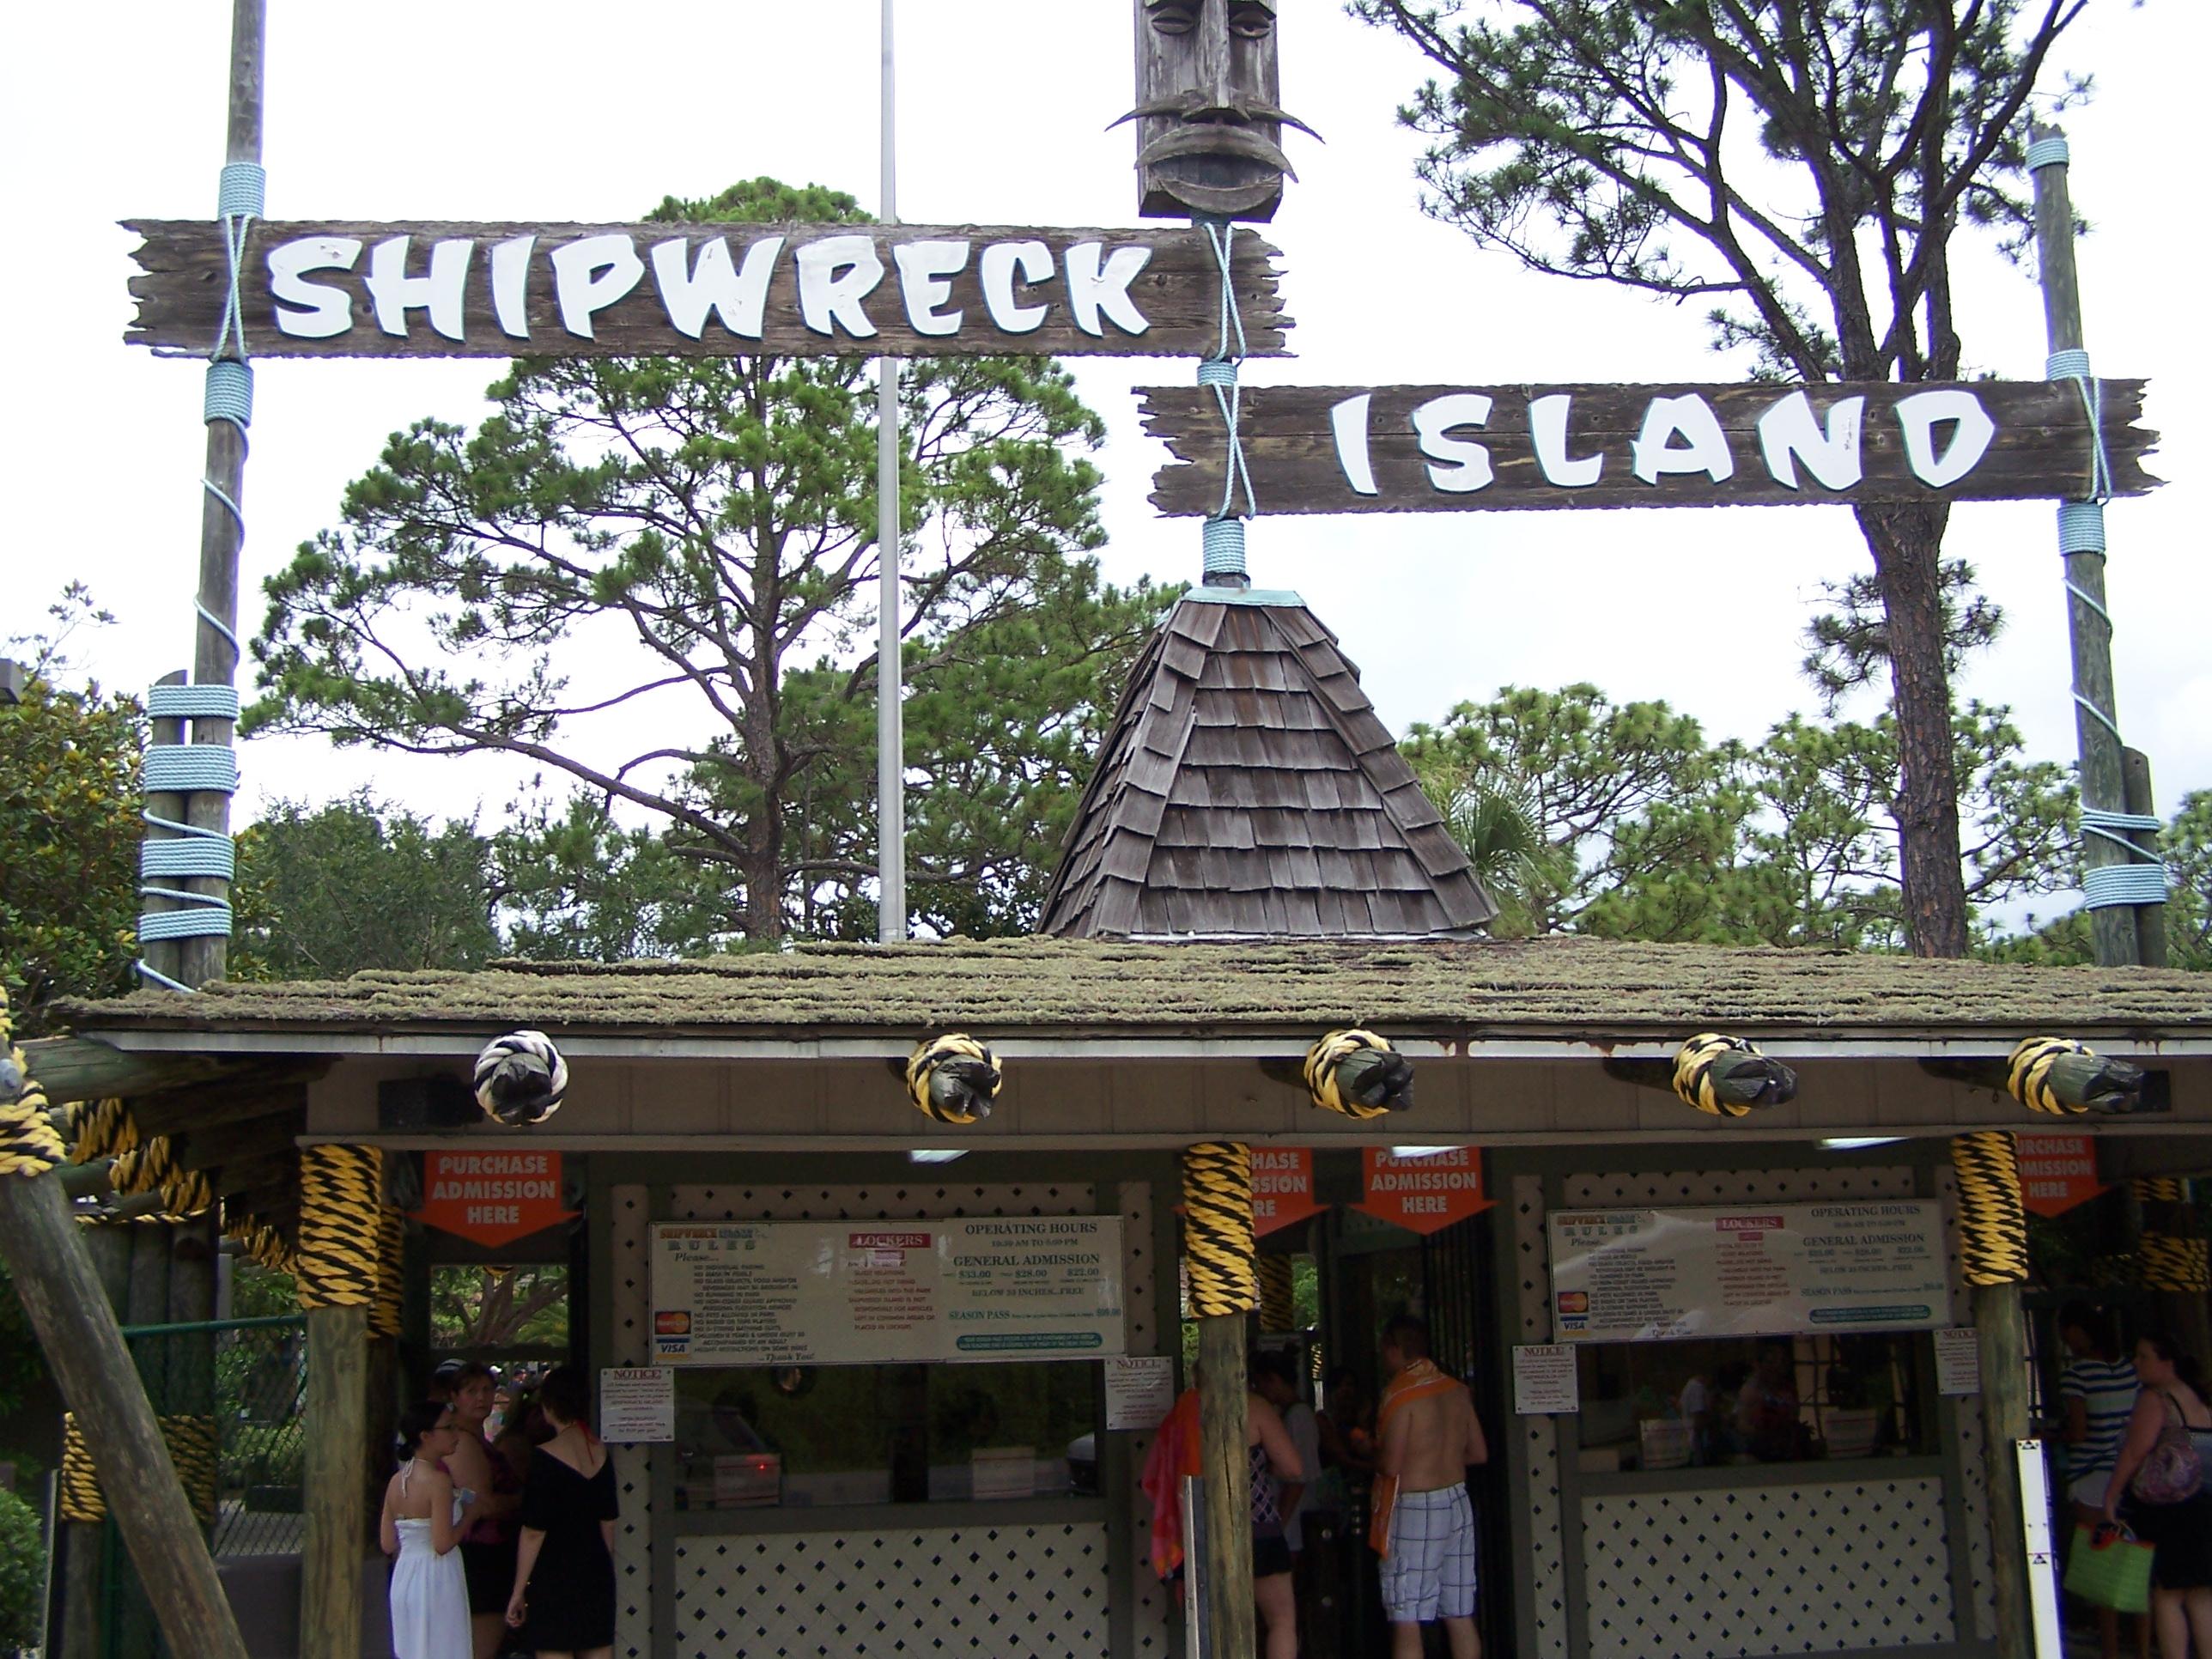 Shipwreck Island Panama City Beal